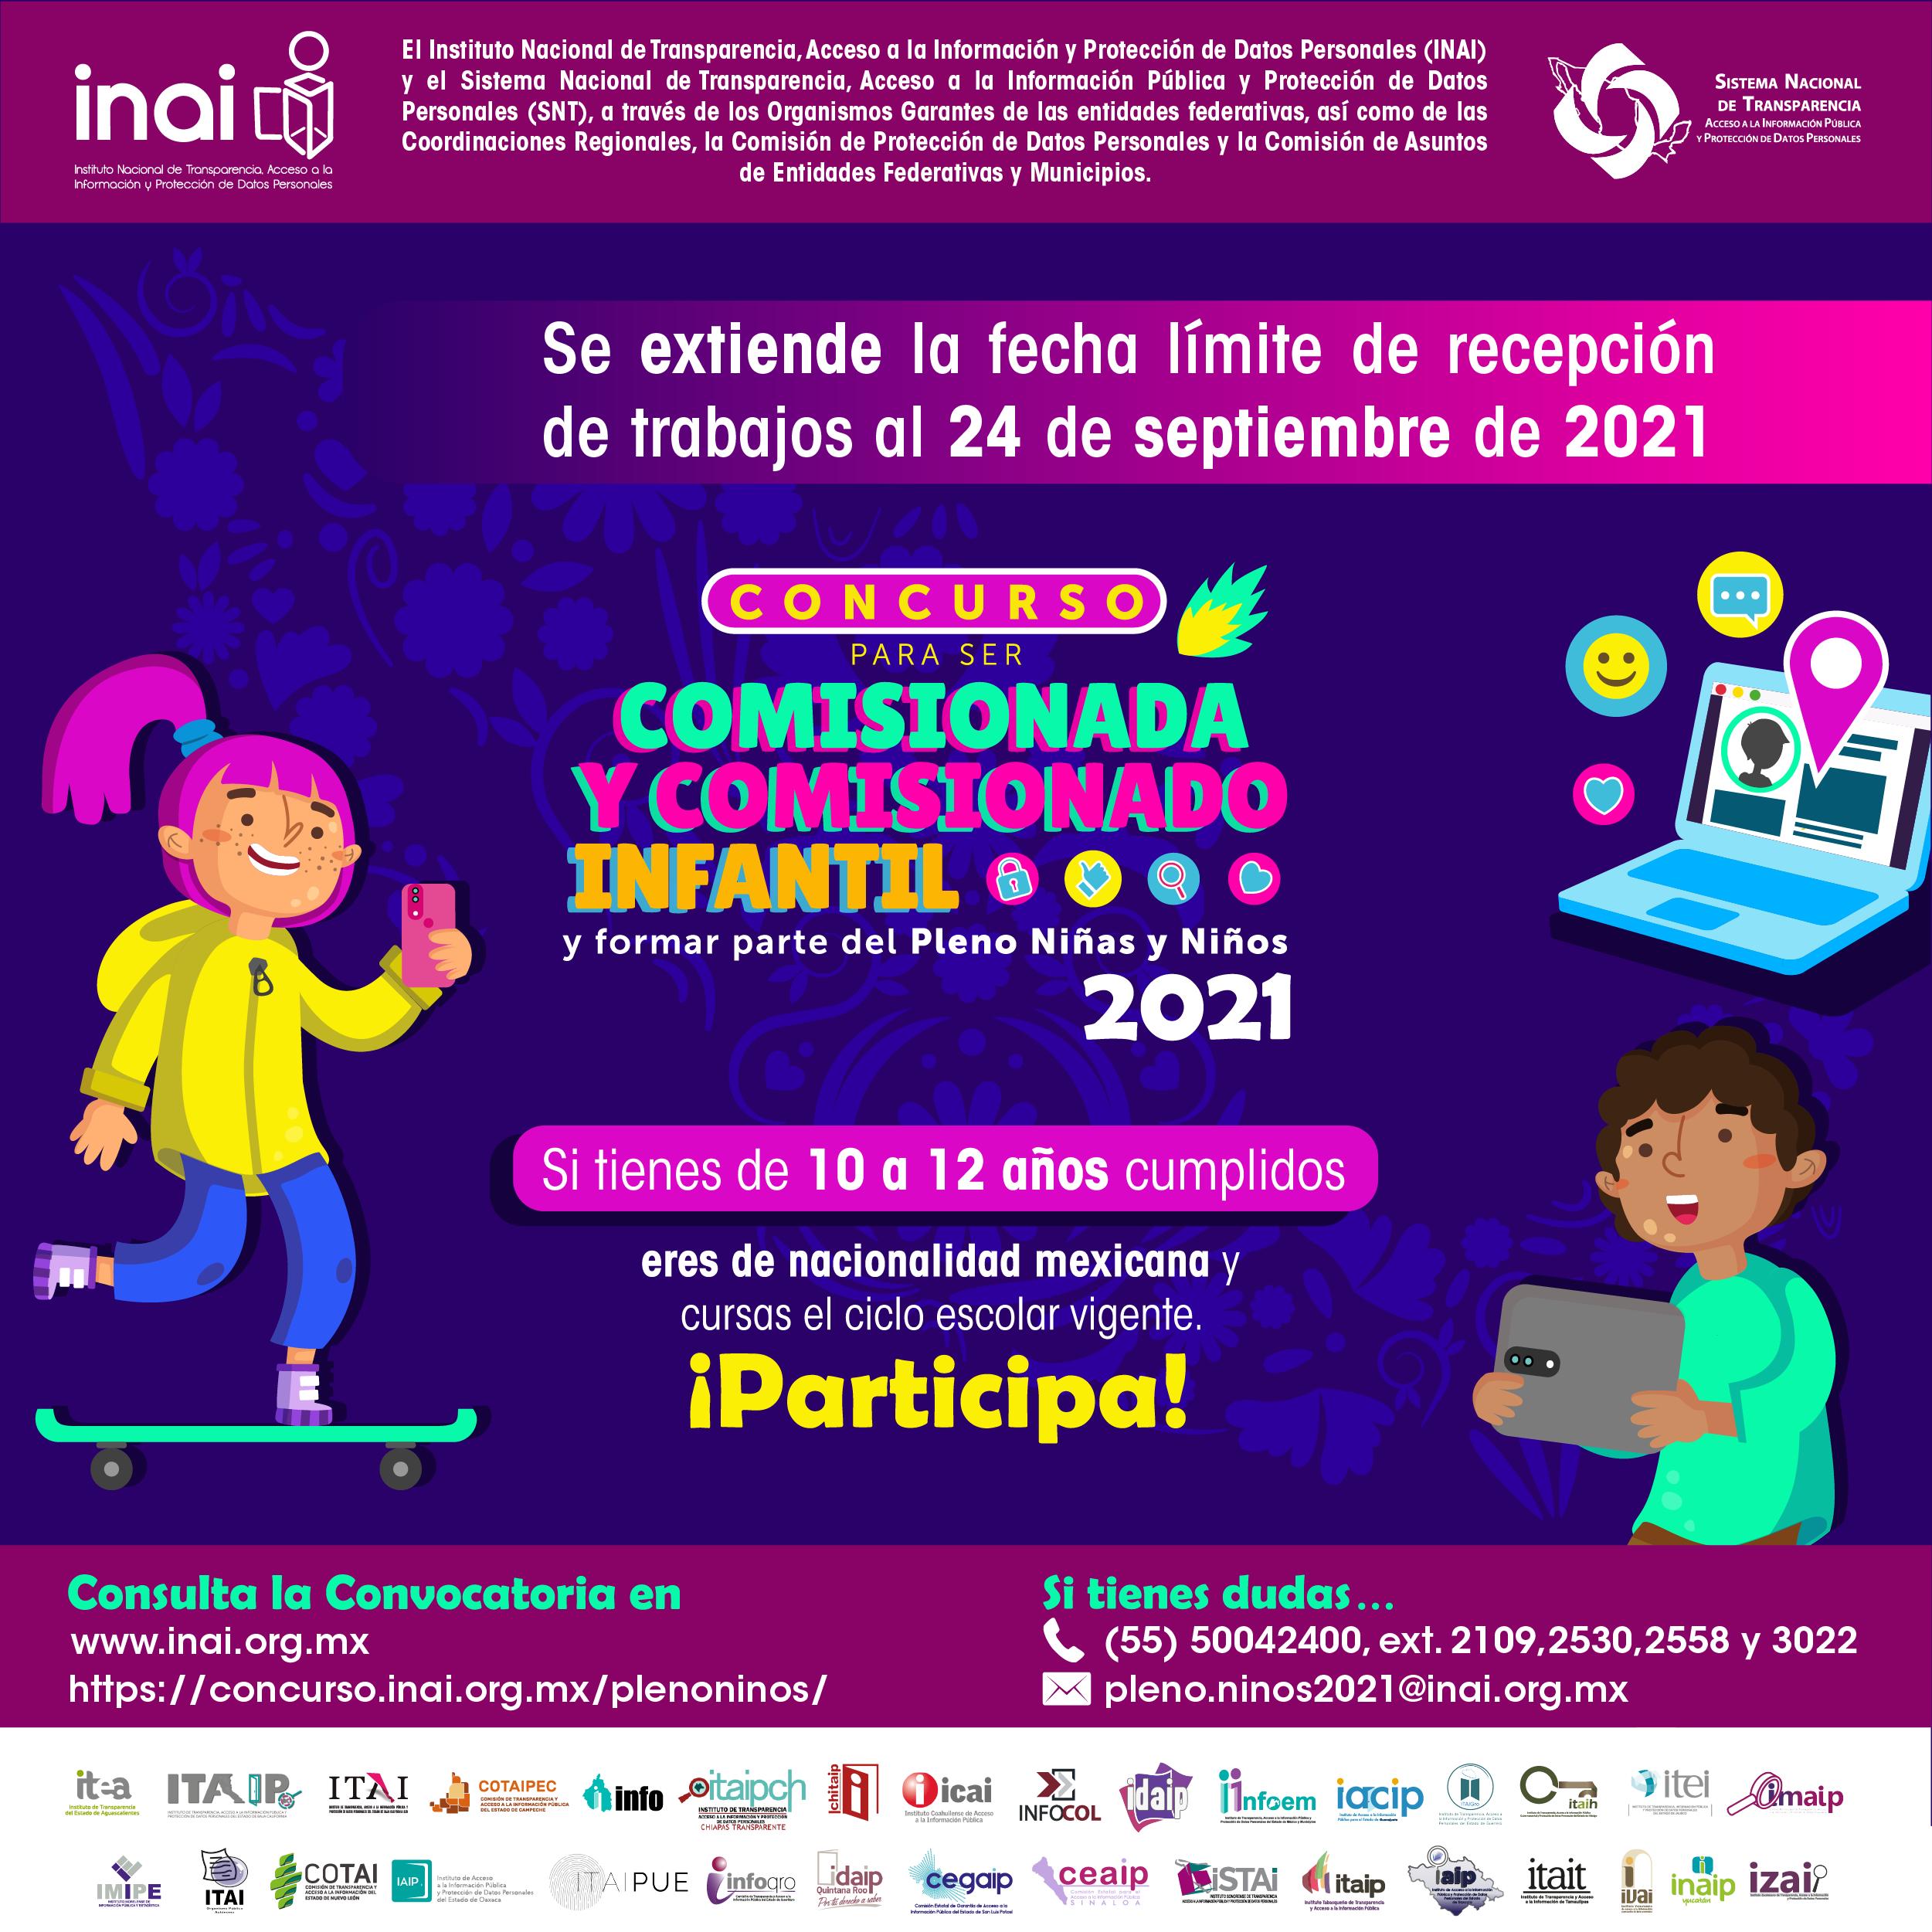 CONCURSO COMISIONADA Y COMISIONADO INFANTIL 2021